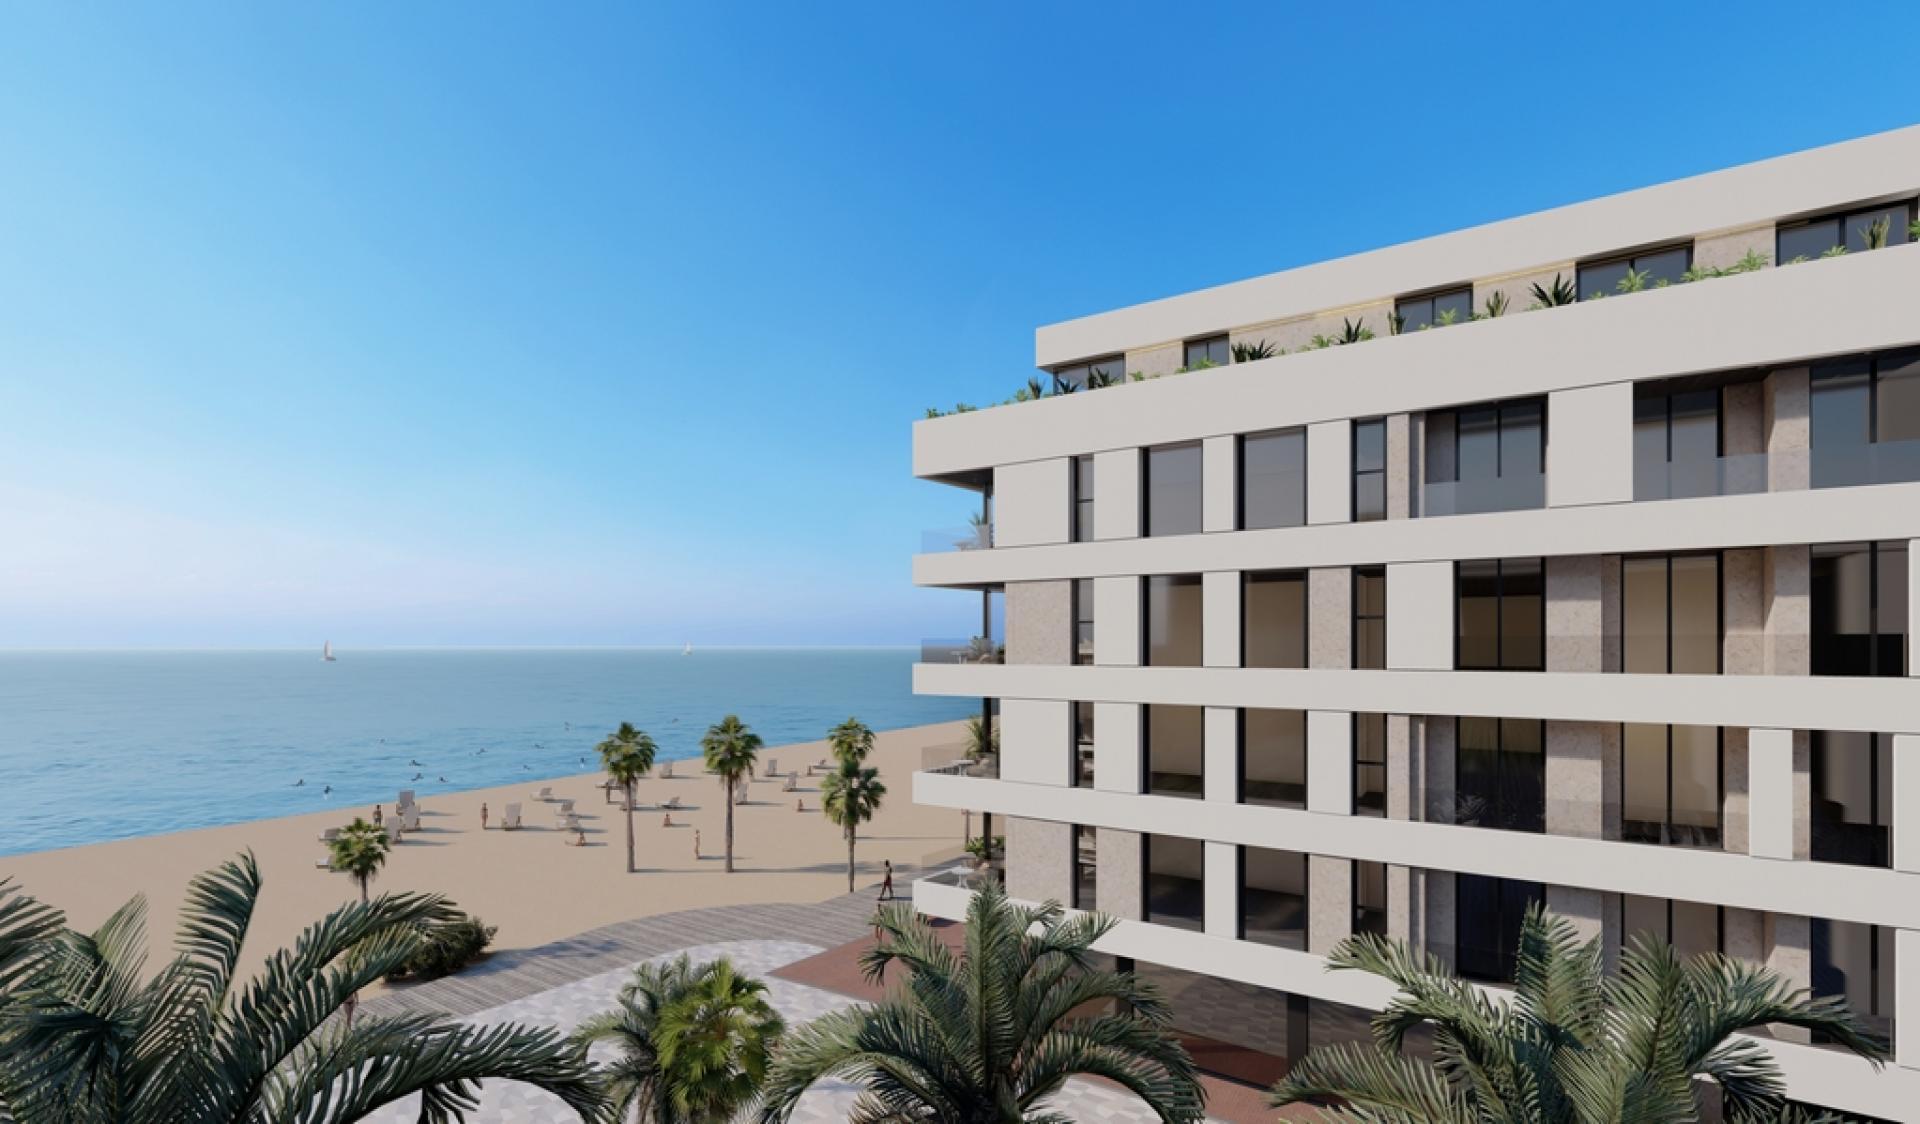 Appartements en première ligne de plage situés à La Mata, Torrevieja in Medvilla Spanje